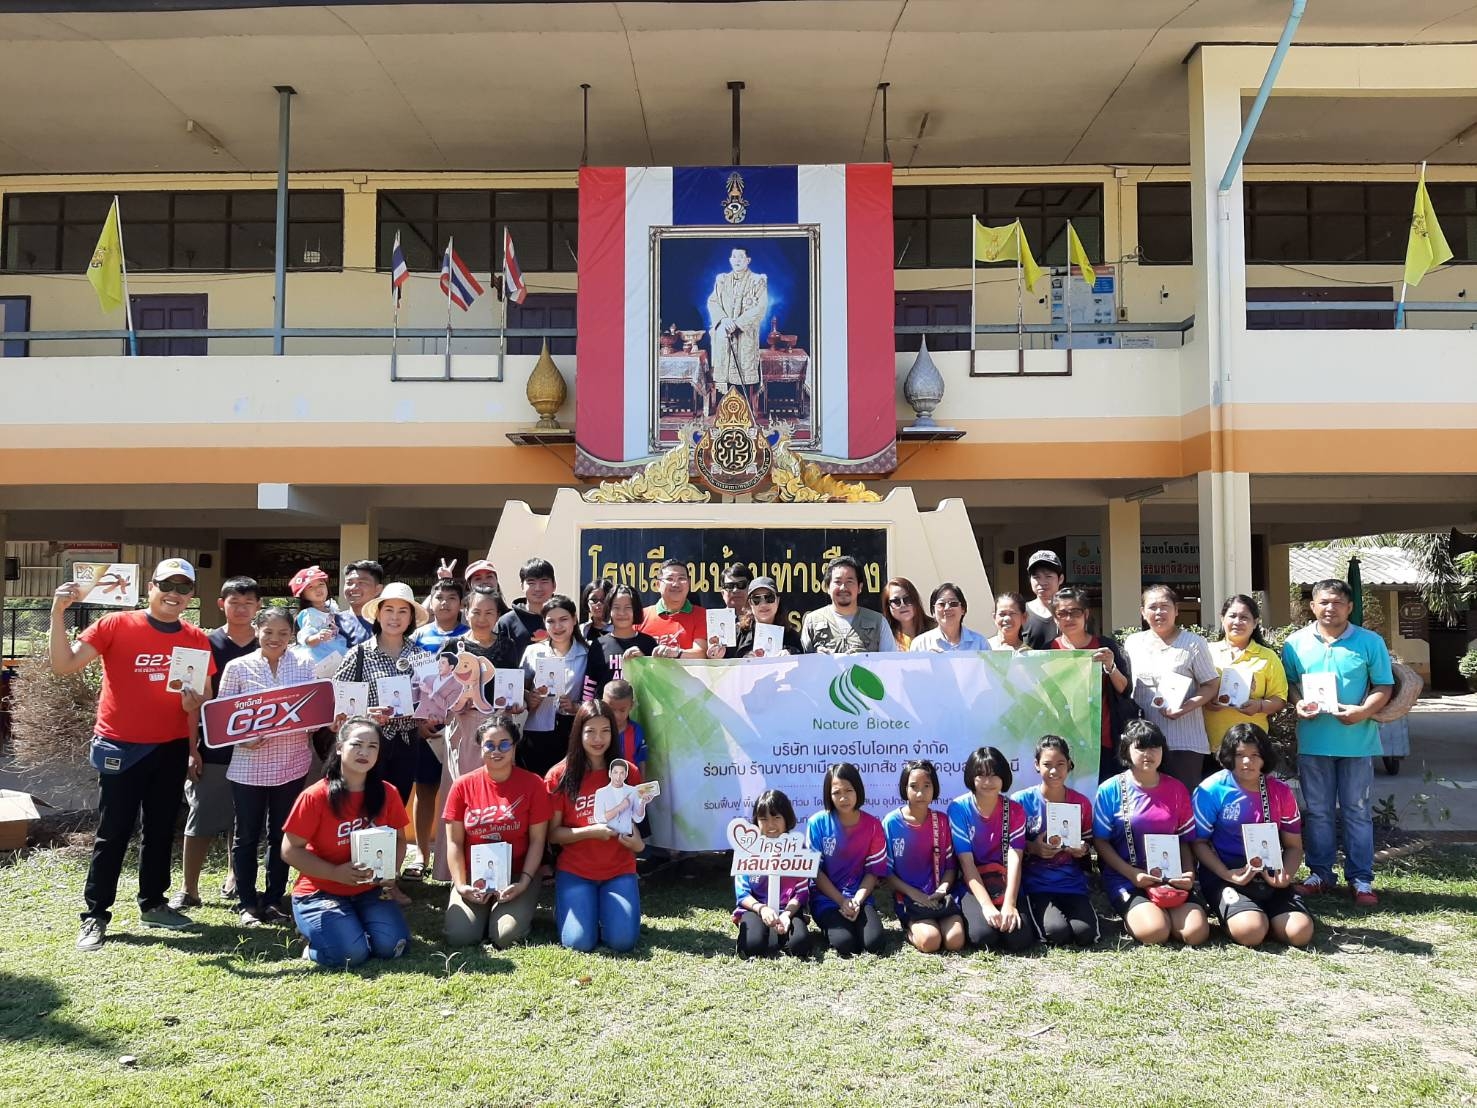 ร่วมภาพประทับใจในกิจกรรม CSR โรงเรียนบ้านท่าเมือง อ.ดอนมดแดง จ.อุบลราชธานี